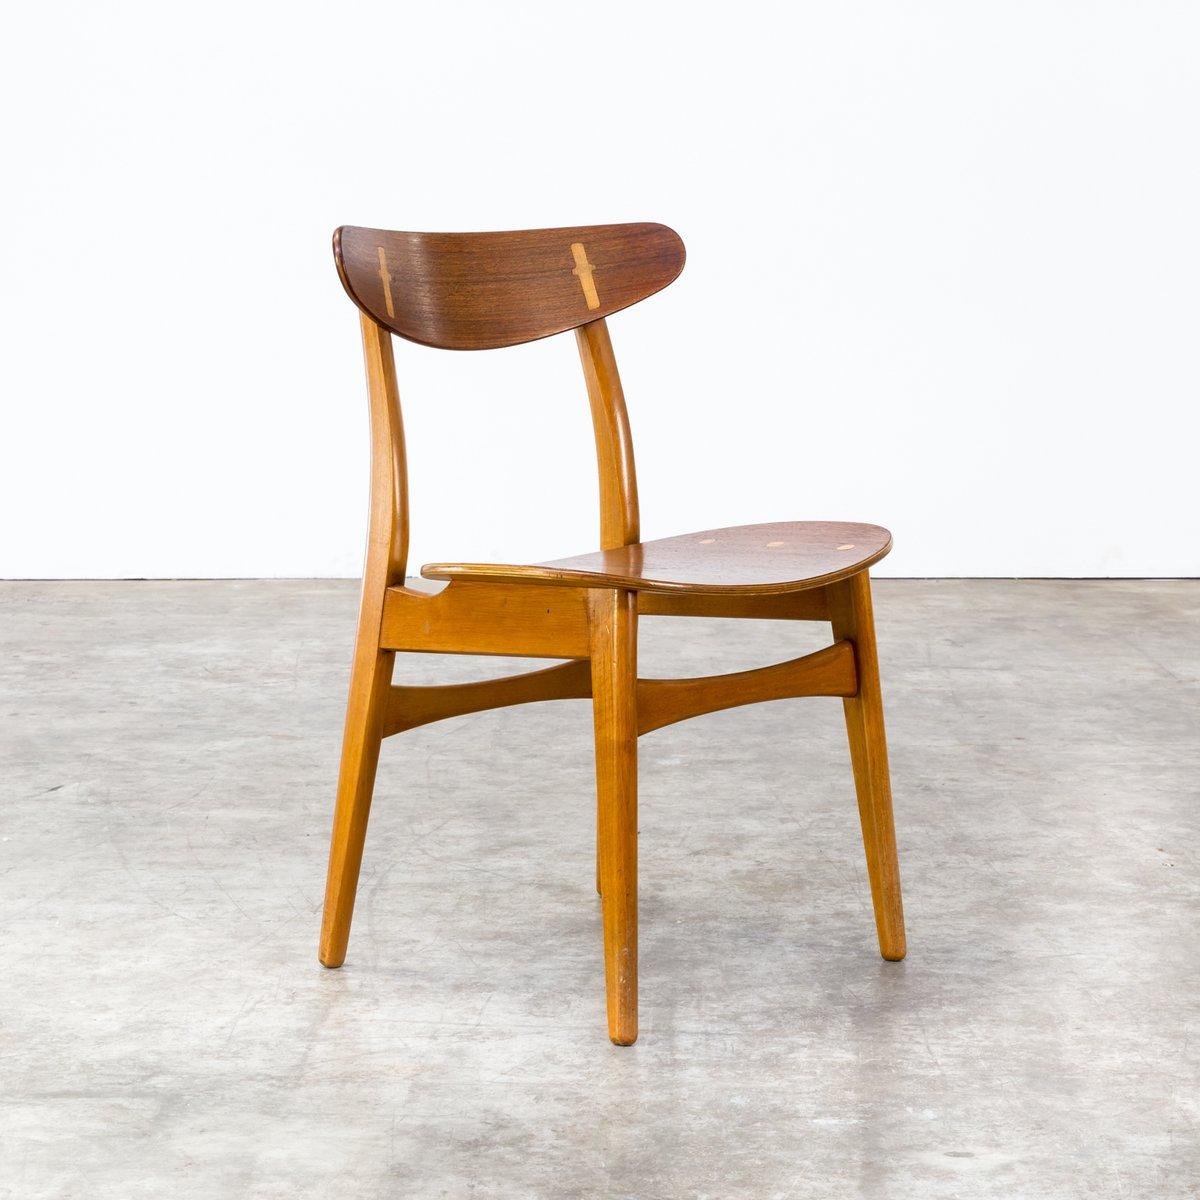 ch 30 esszimmer st hle von hans wegner f r carl hansen son 1950er 6er set bei pamono kaufen. Black Bedroom Furniture Sets. Home Design Ideas